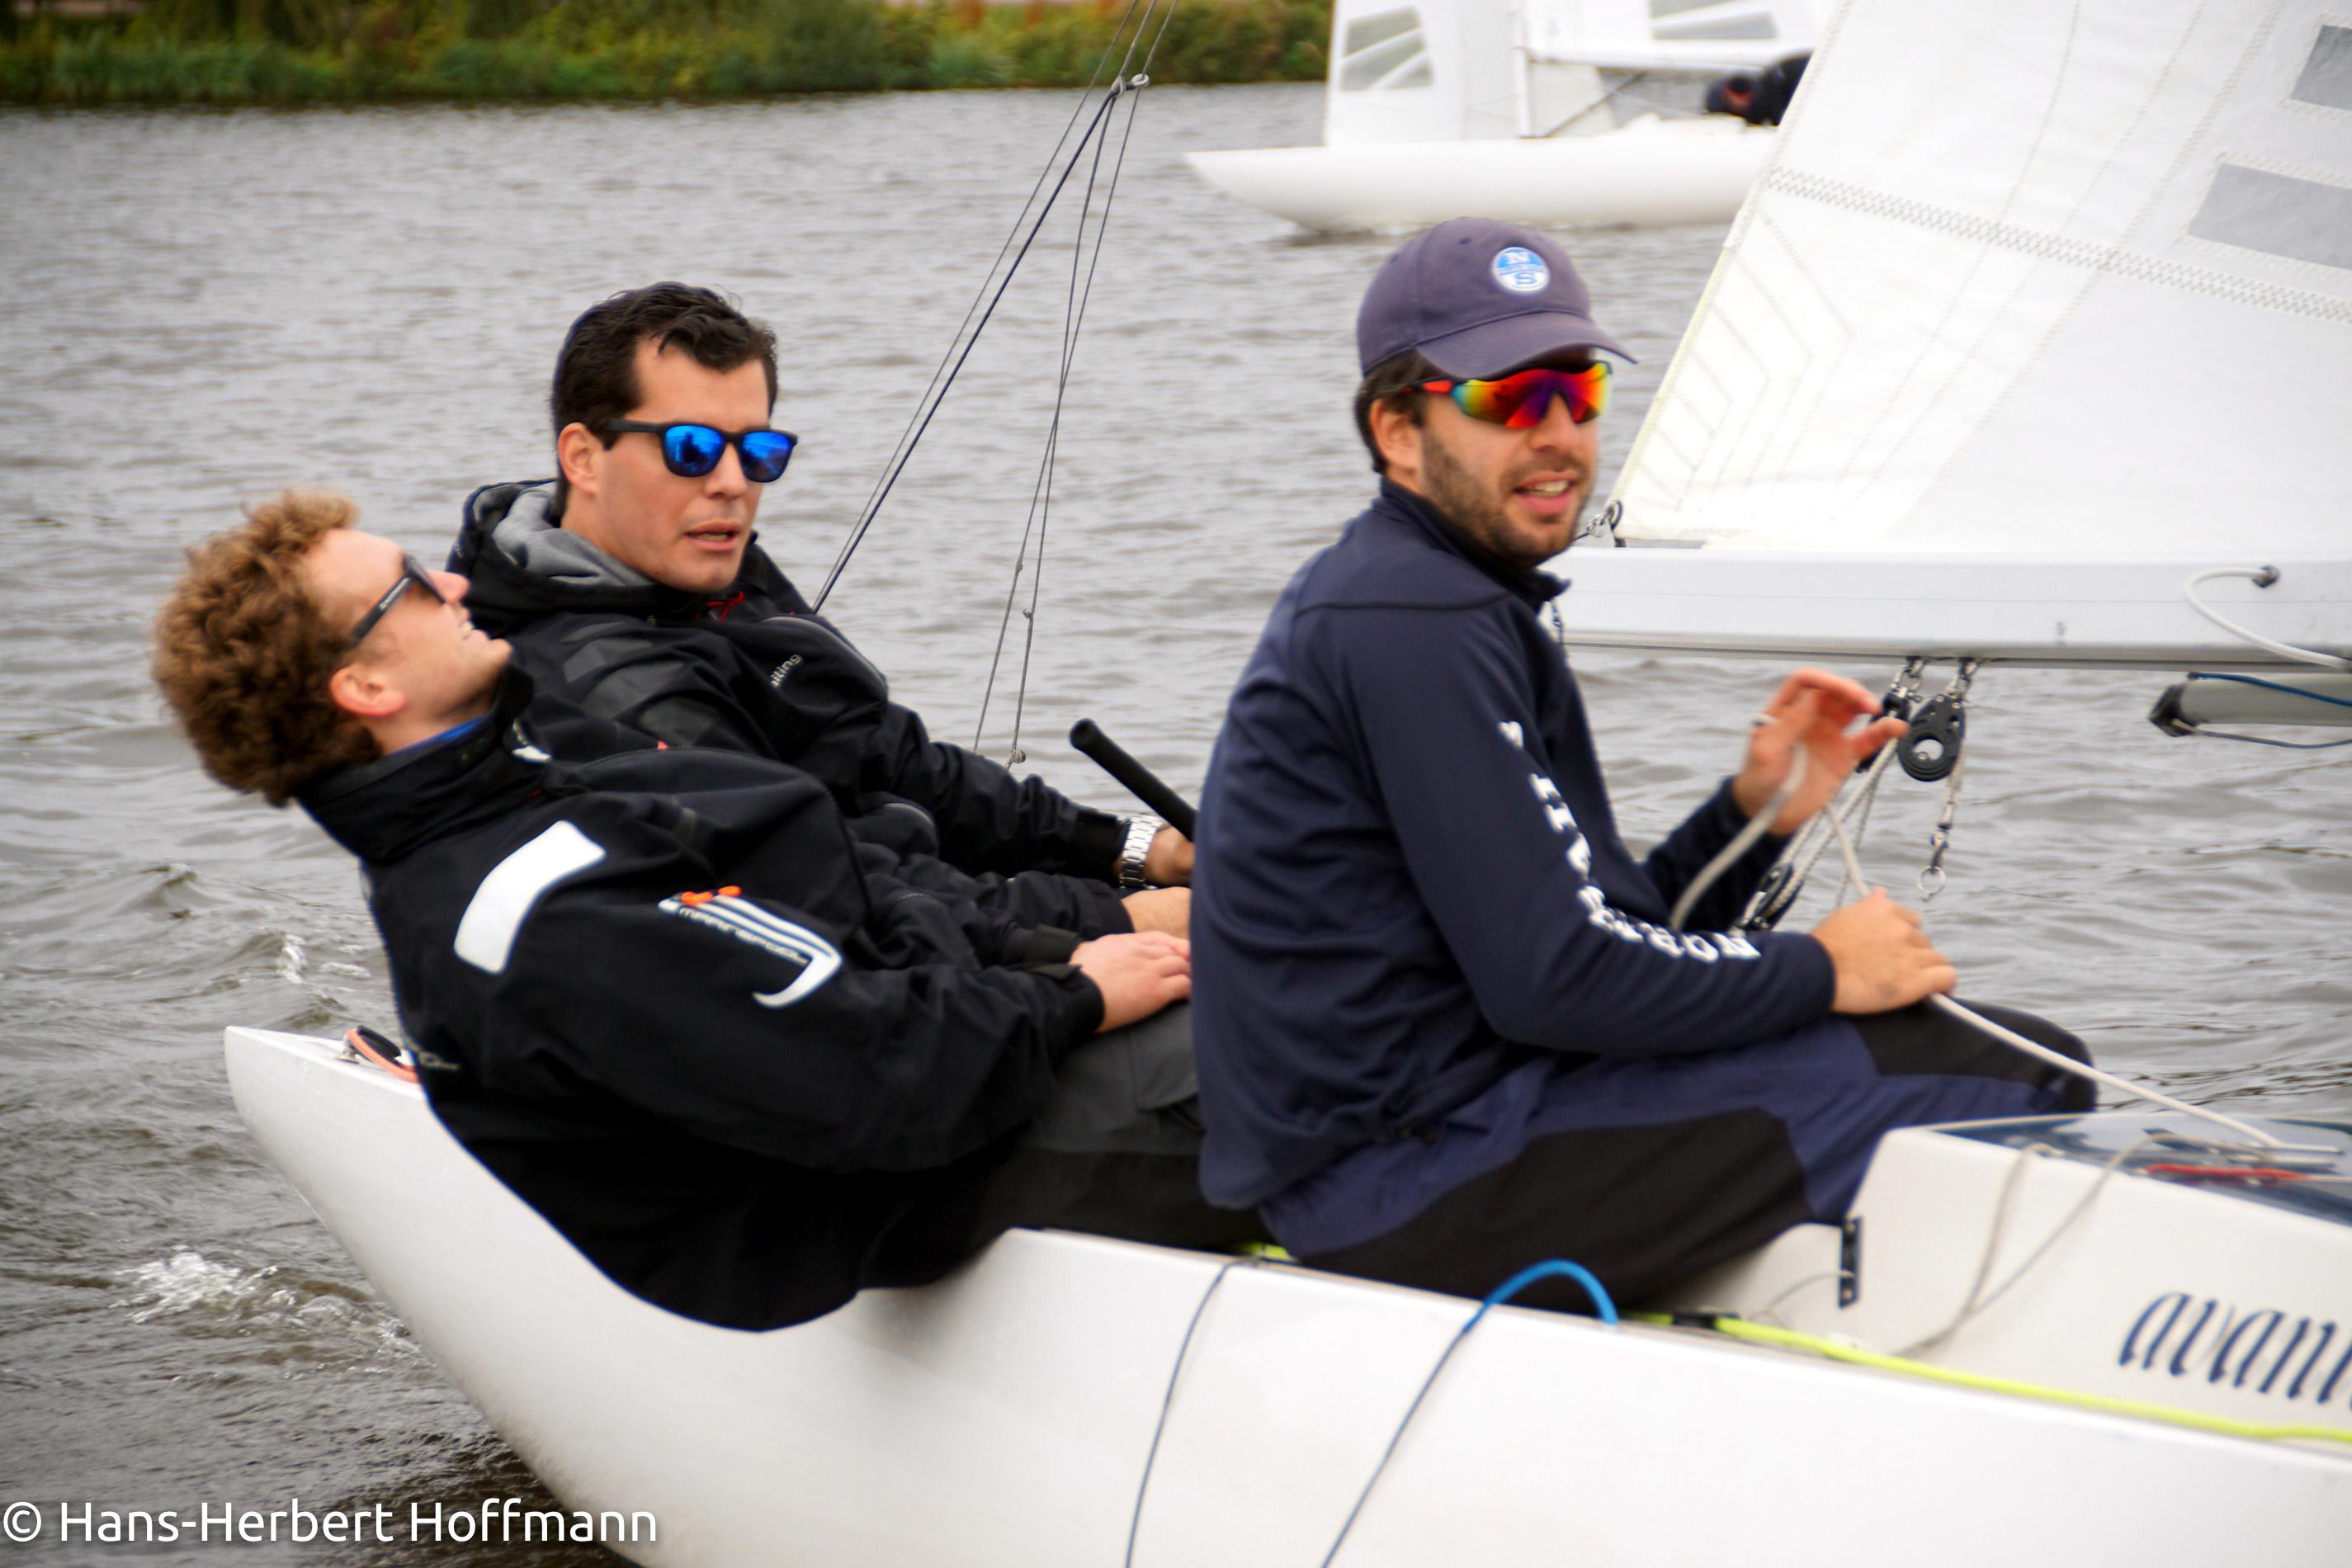 Die Sieger auf der Bahn - Mitja & Miklas Meyer, Mitschiff Lennart Grambow.